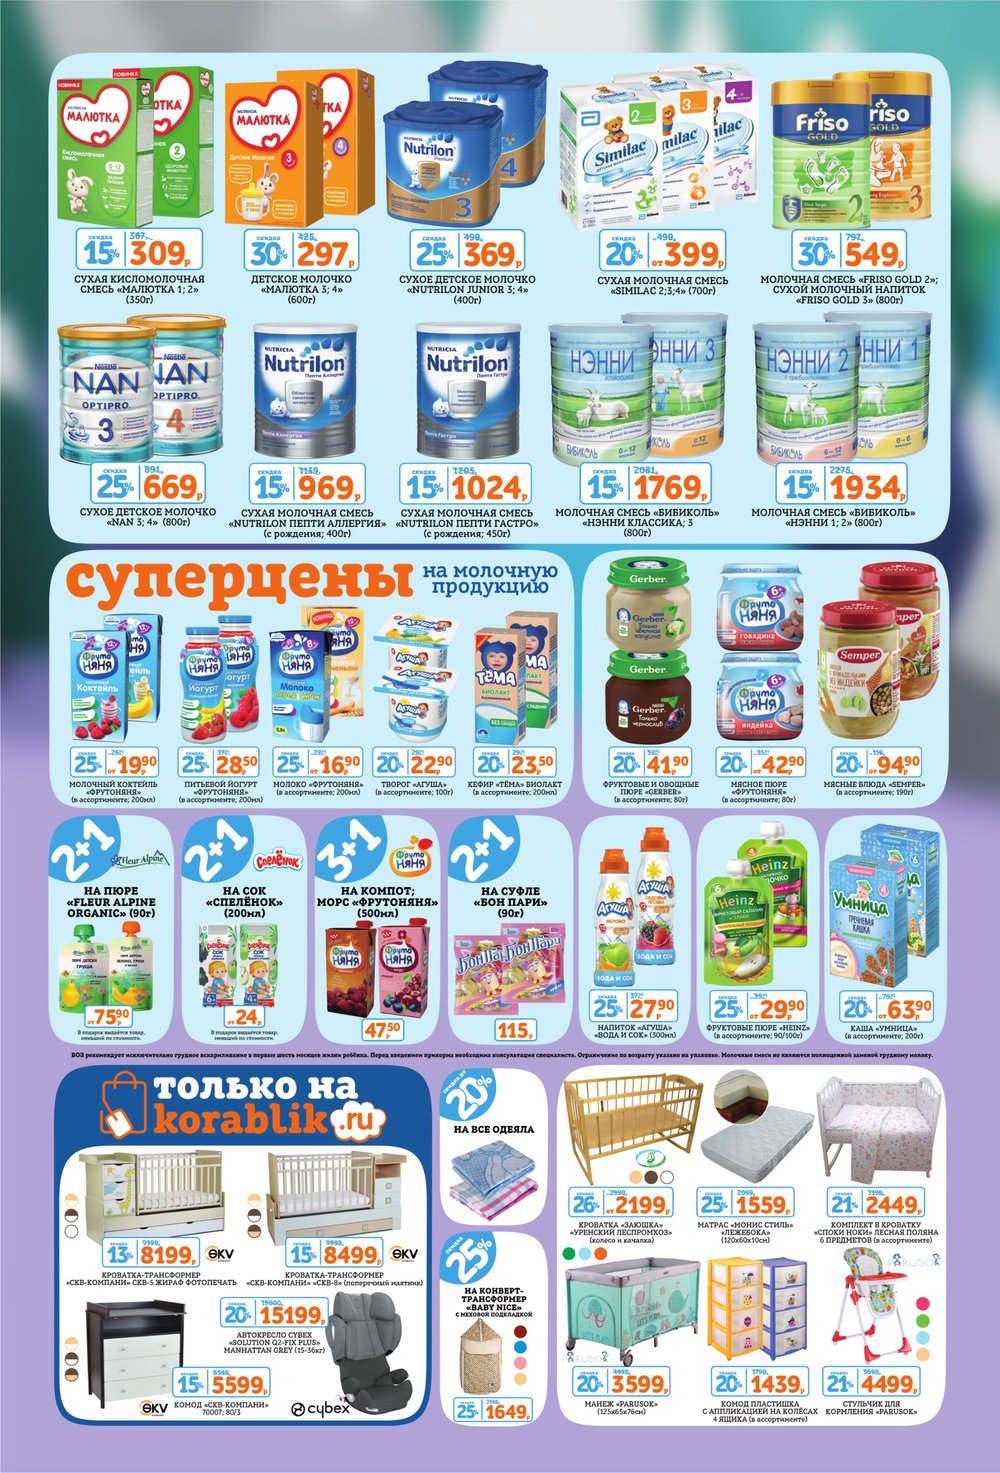 Каталог акций Кораблик с 11 по 24 октября 2017 - стр. 2